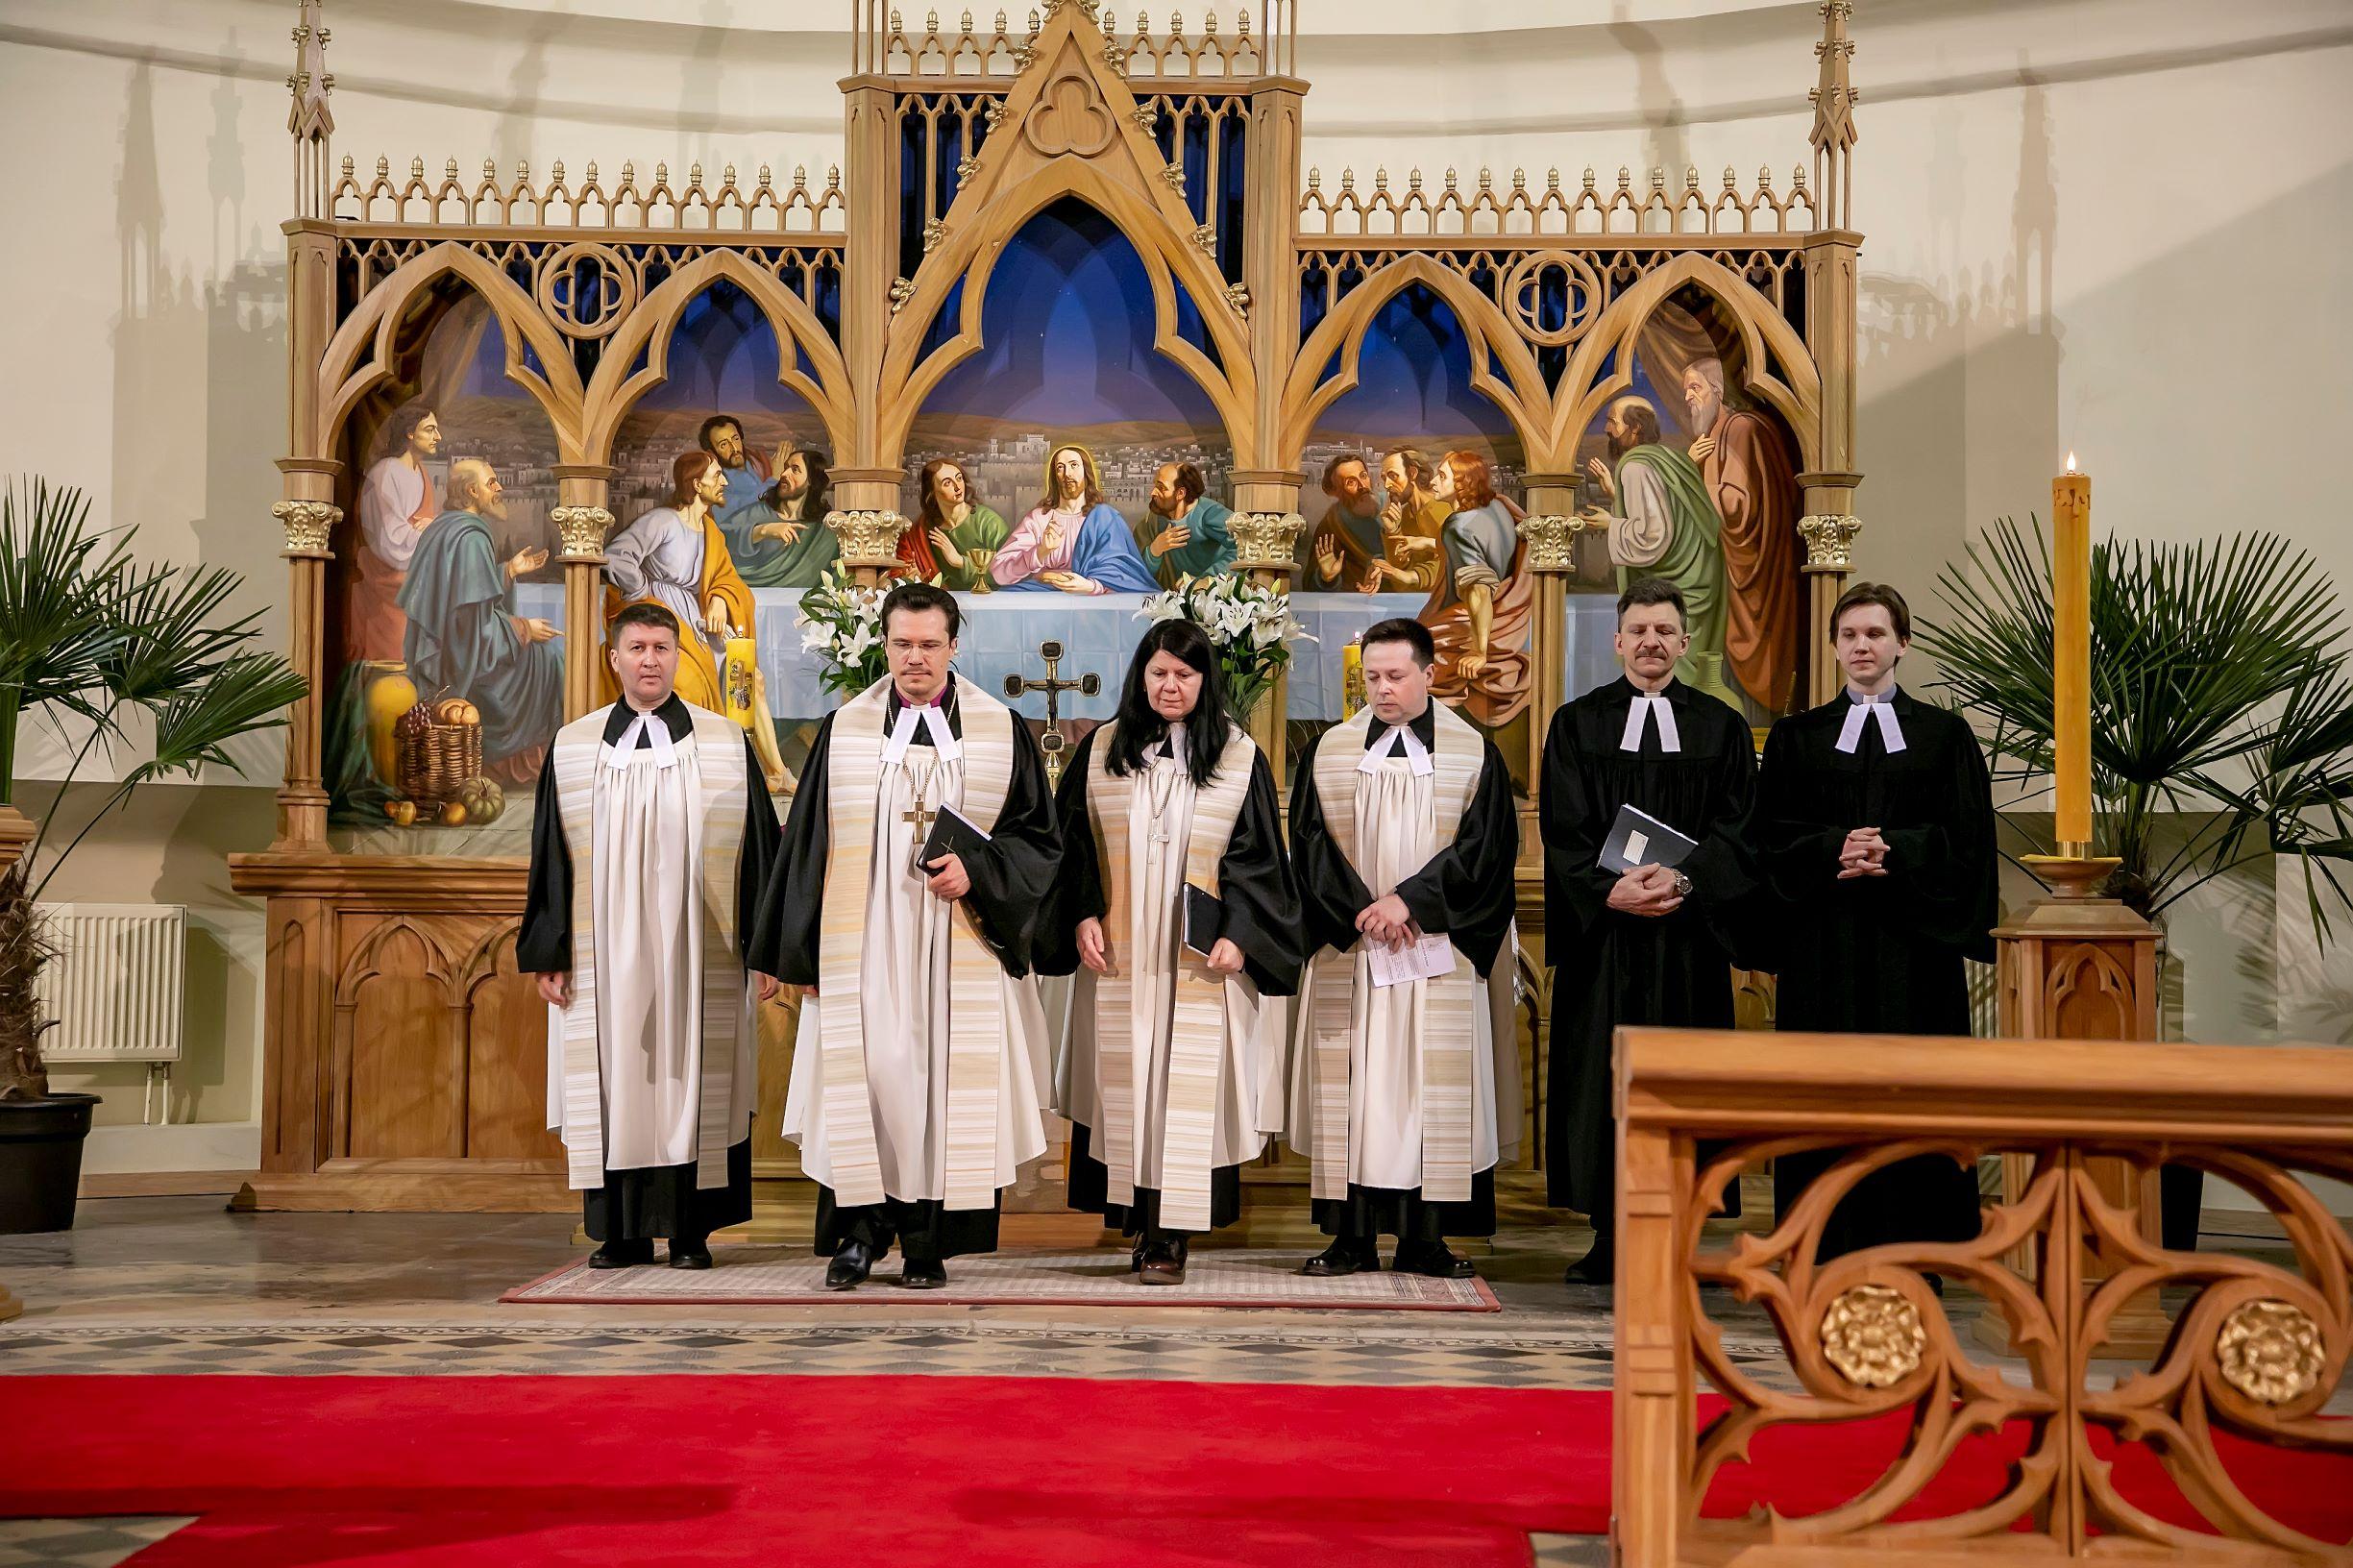 Богослужение Великой Субботы - Навечерия Пасхи в Соборе ЕЛЦ